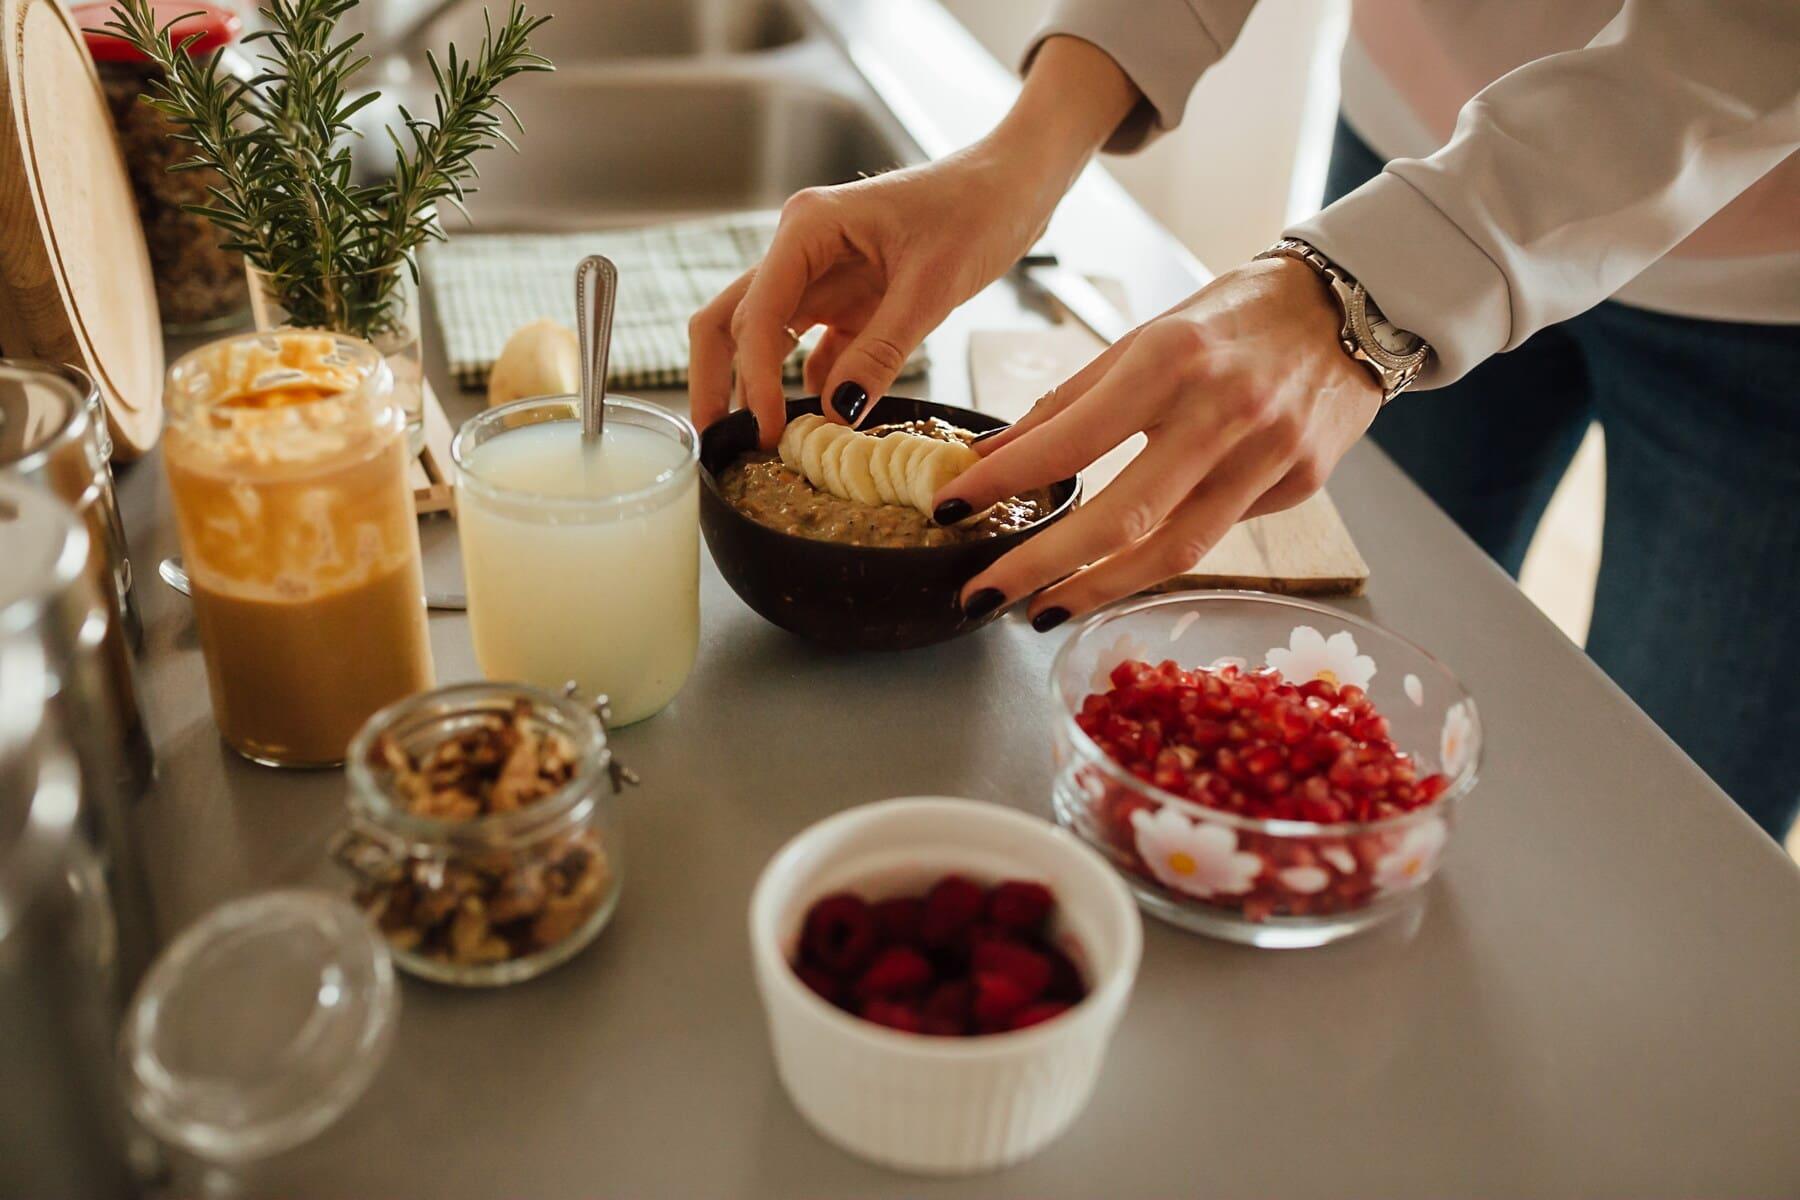 farine d'avoine, muesli, fruits, jus de fruits, limonade, petits fruits, le petit déjeuner, préparation, alimentaire, à l'intérieur